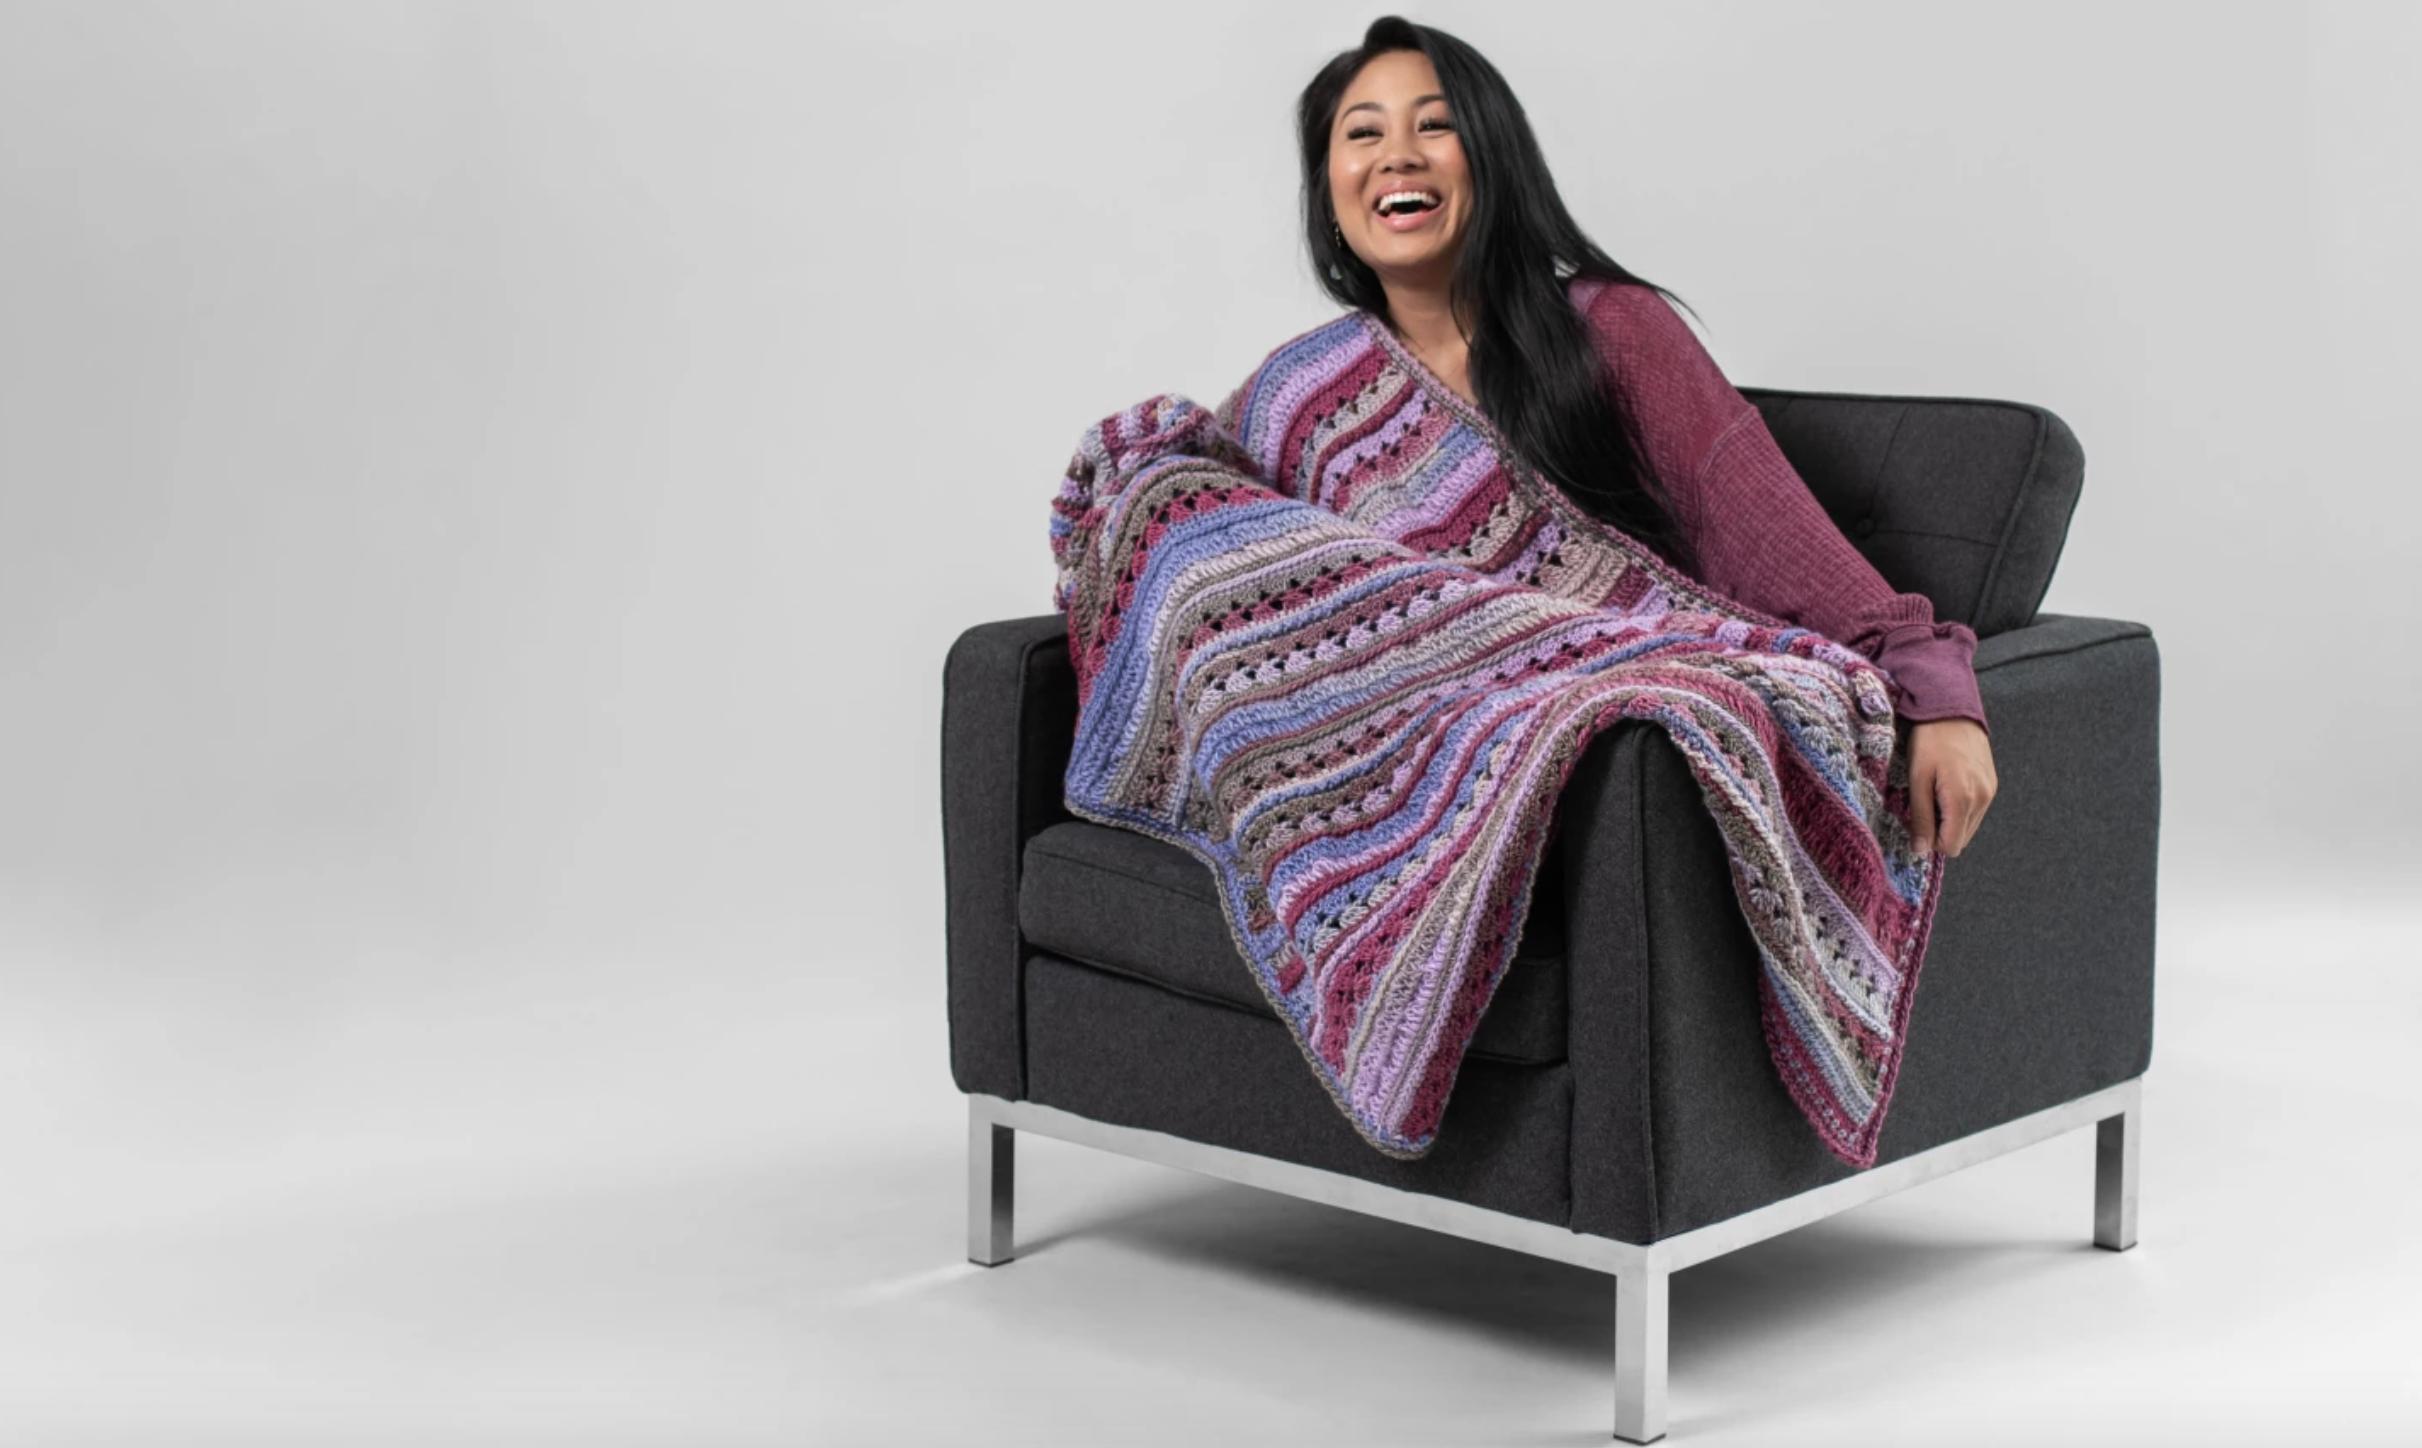 woman with purple crochet blanket